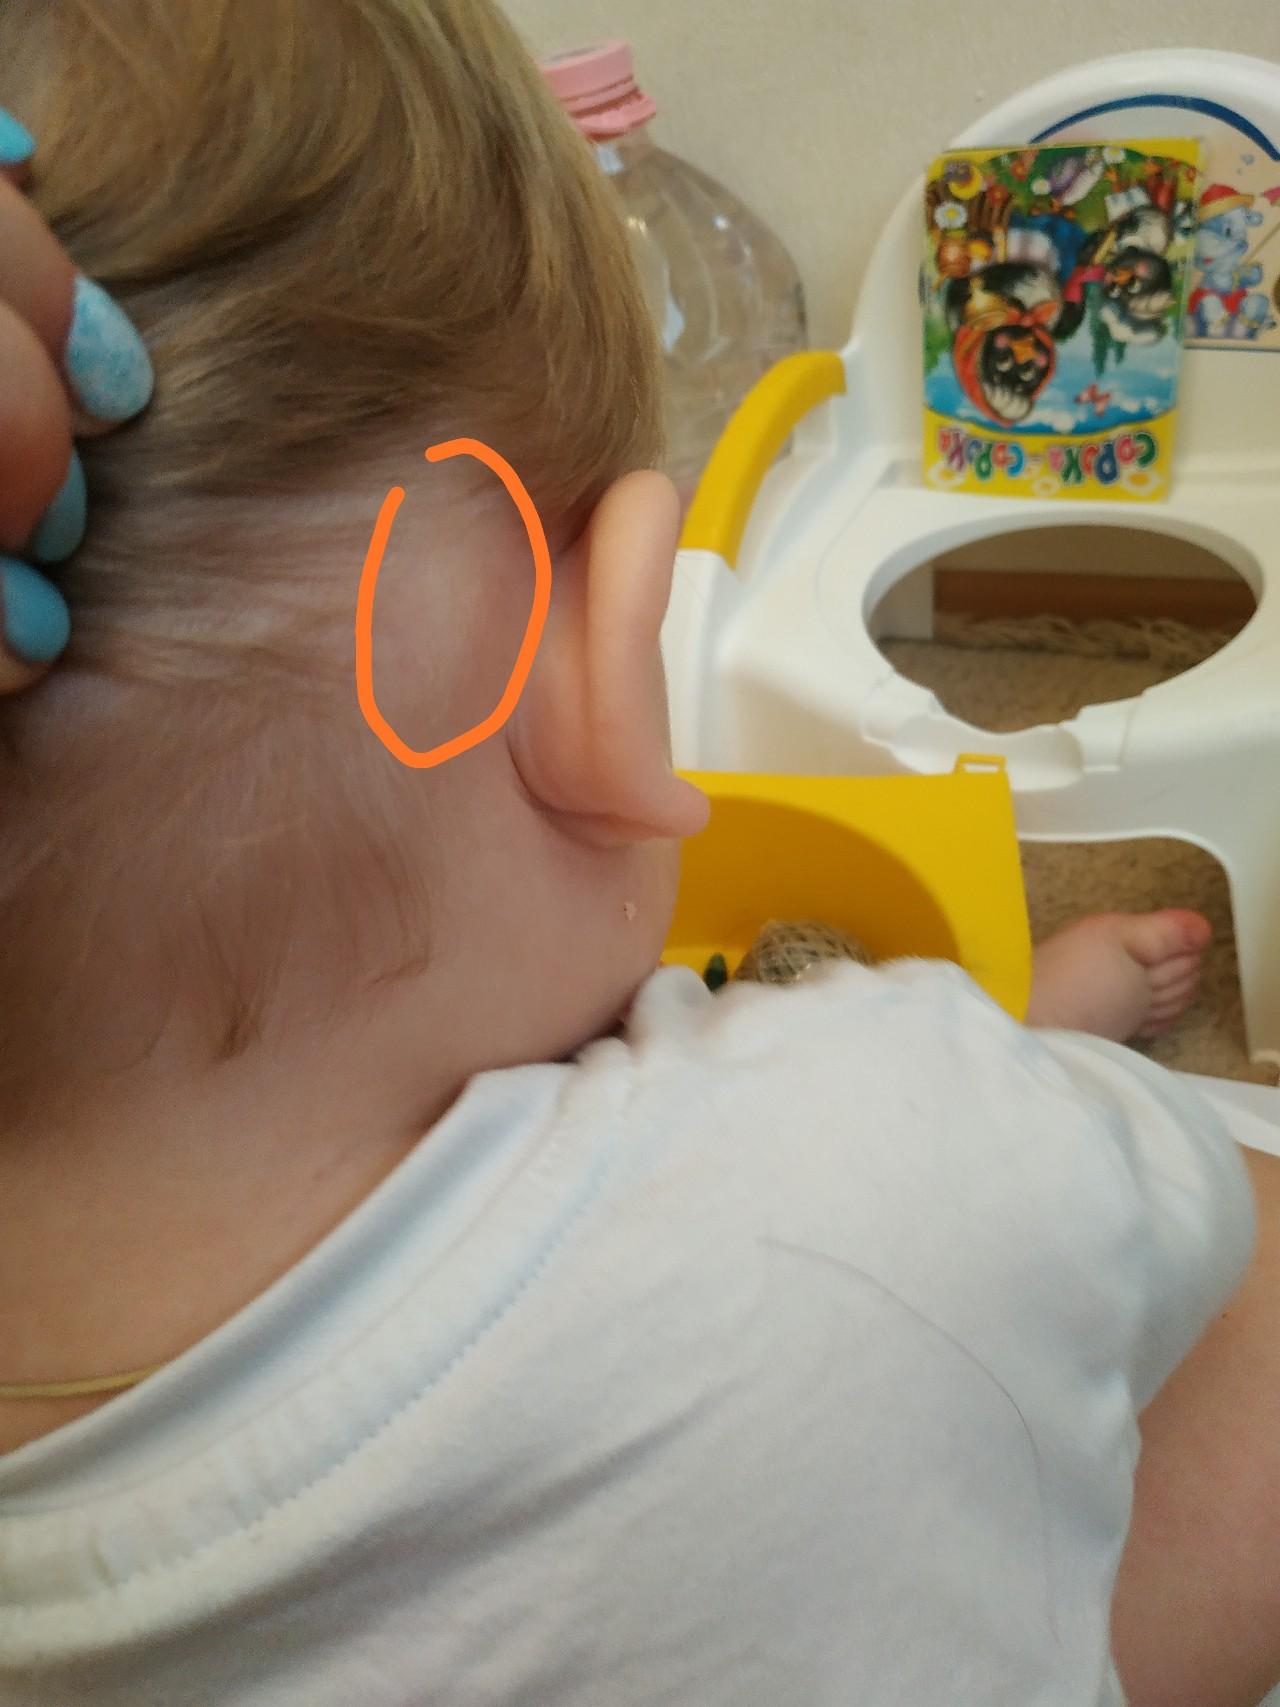 Шишка за ухом у ребенка, в особенности если это новорожденный младенец, может быть совершенно незаметна, поскольку лимфоузлы у них плохо прощупываются.